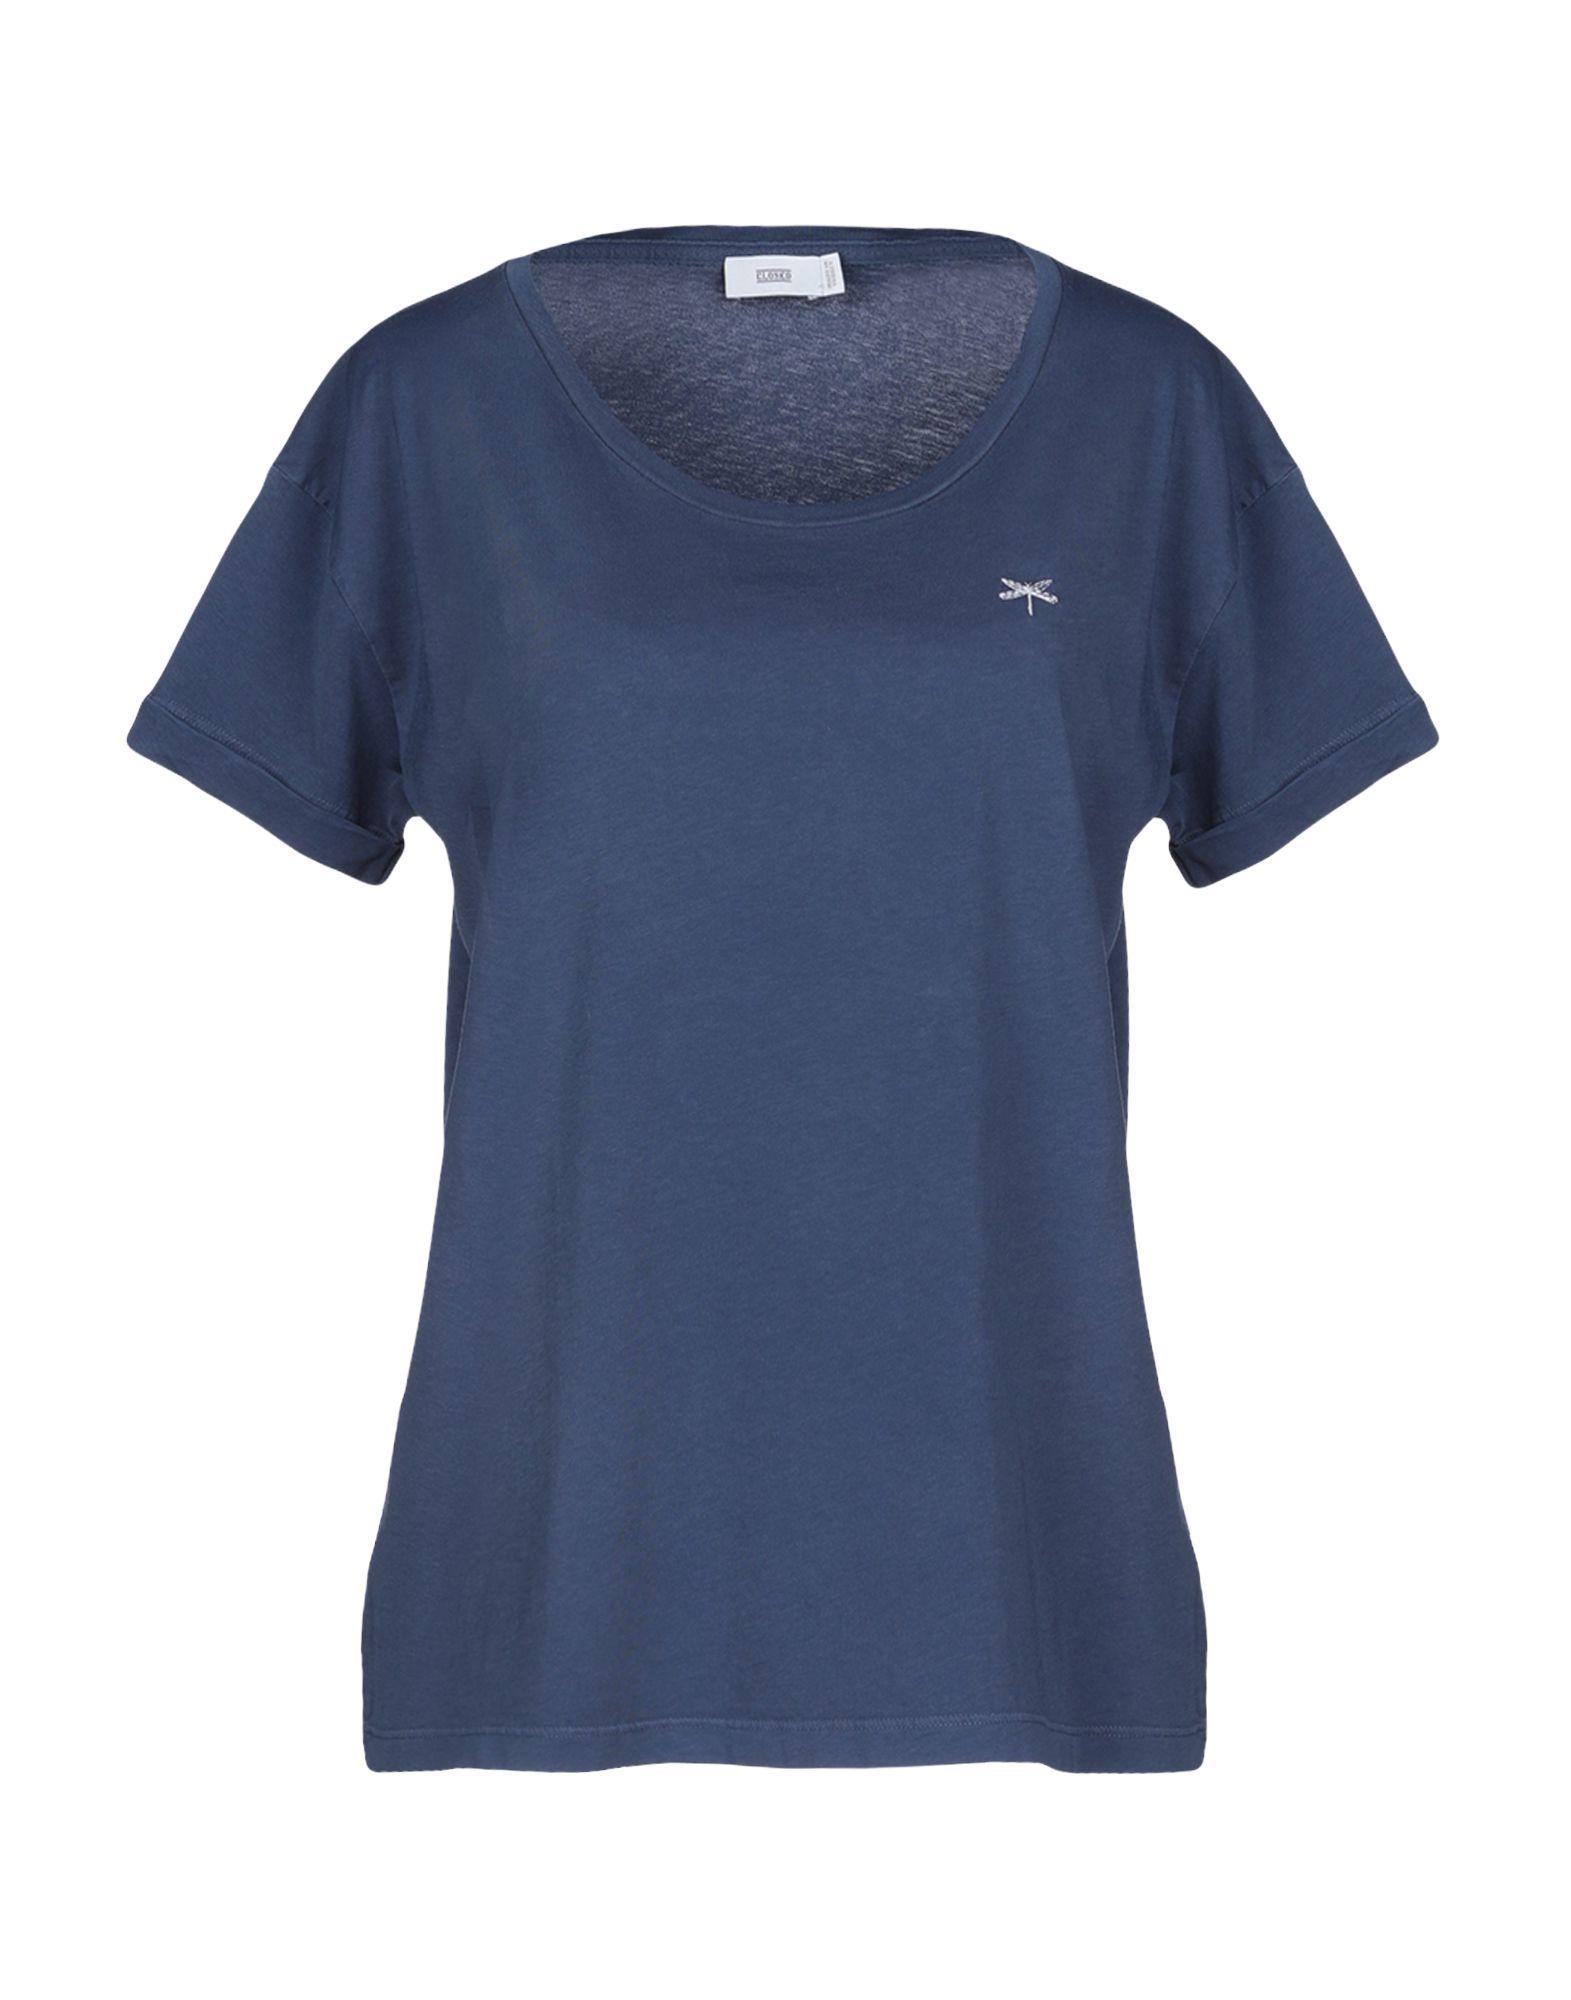 CLOSED Damen T-shirts Farbe Taubenblau Größe 4